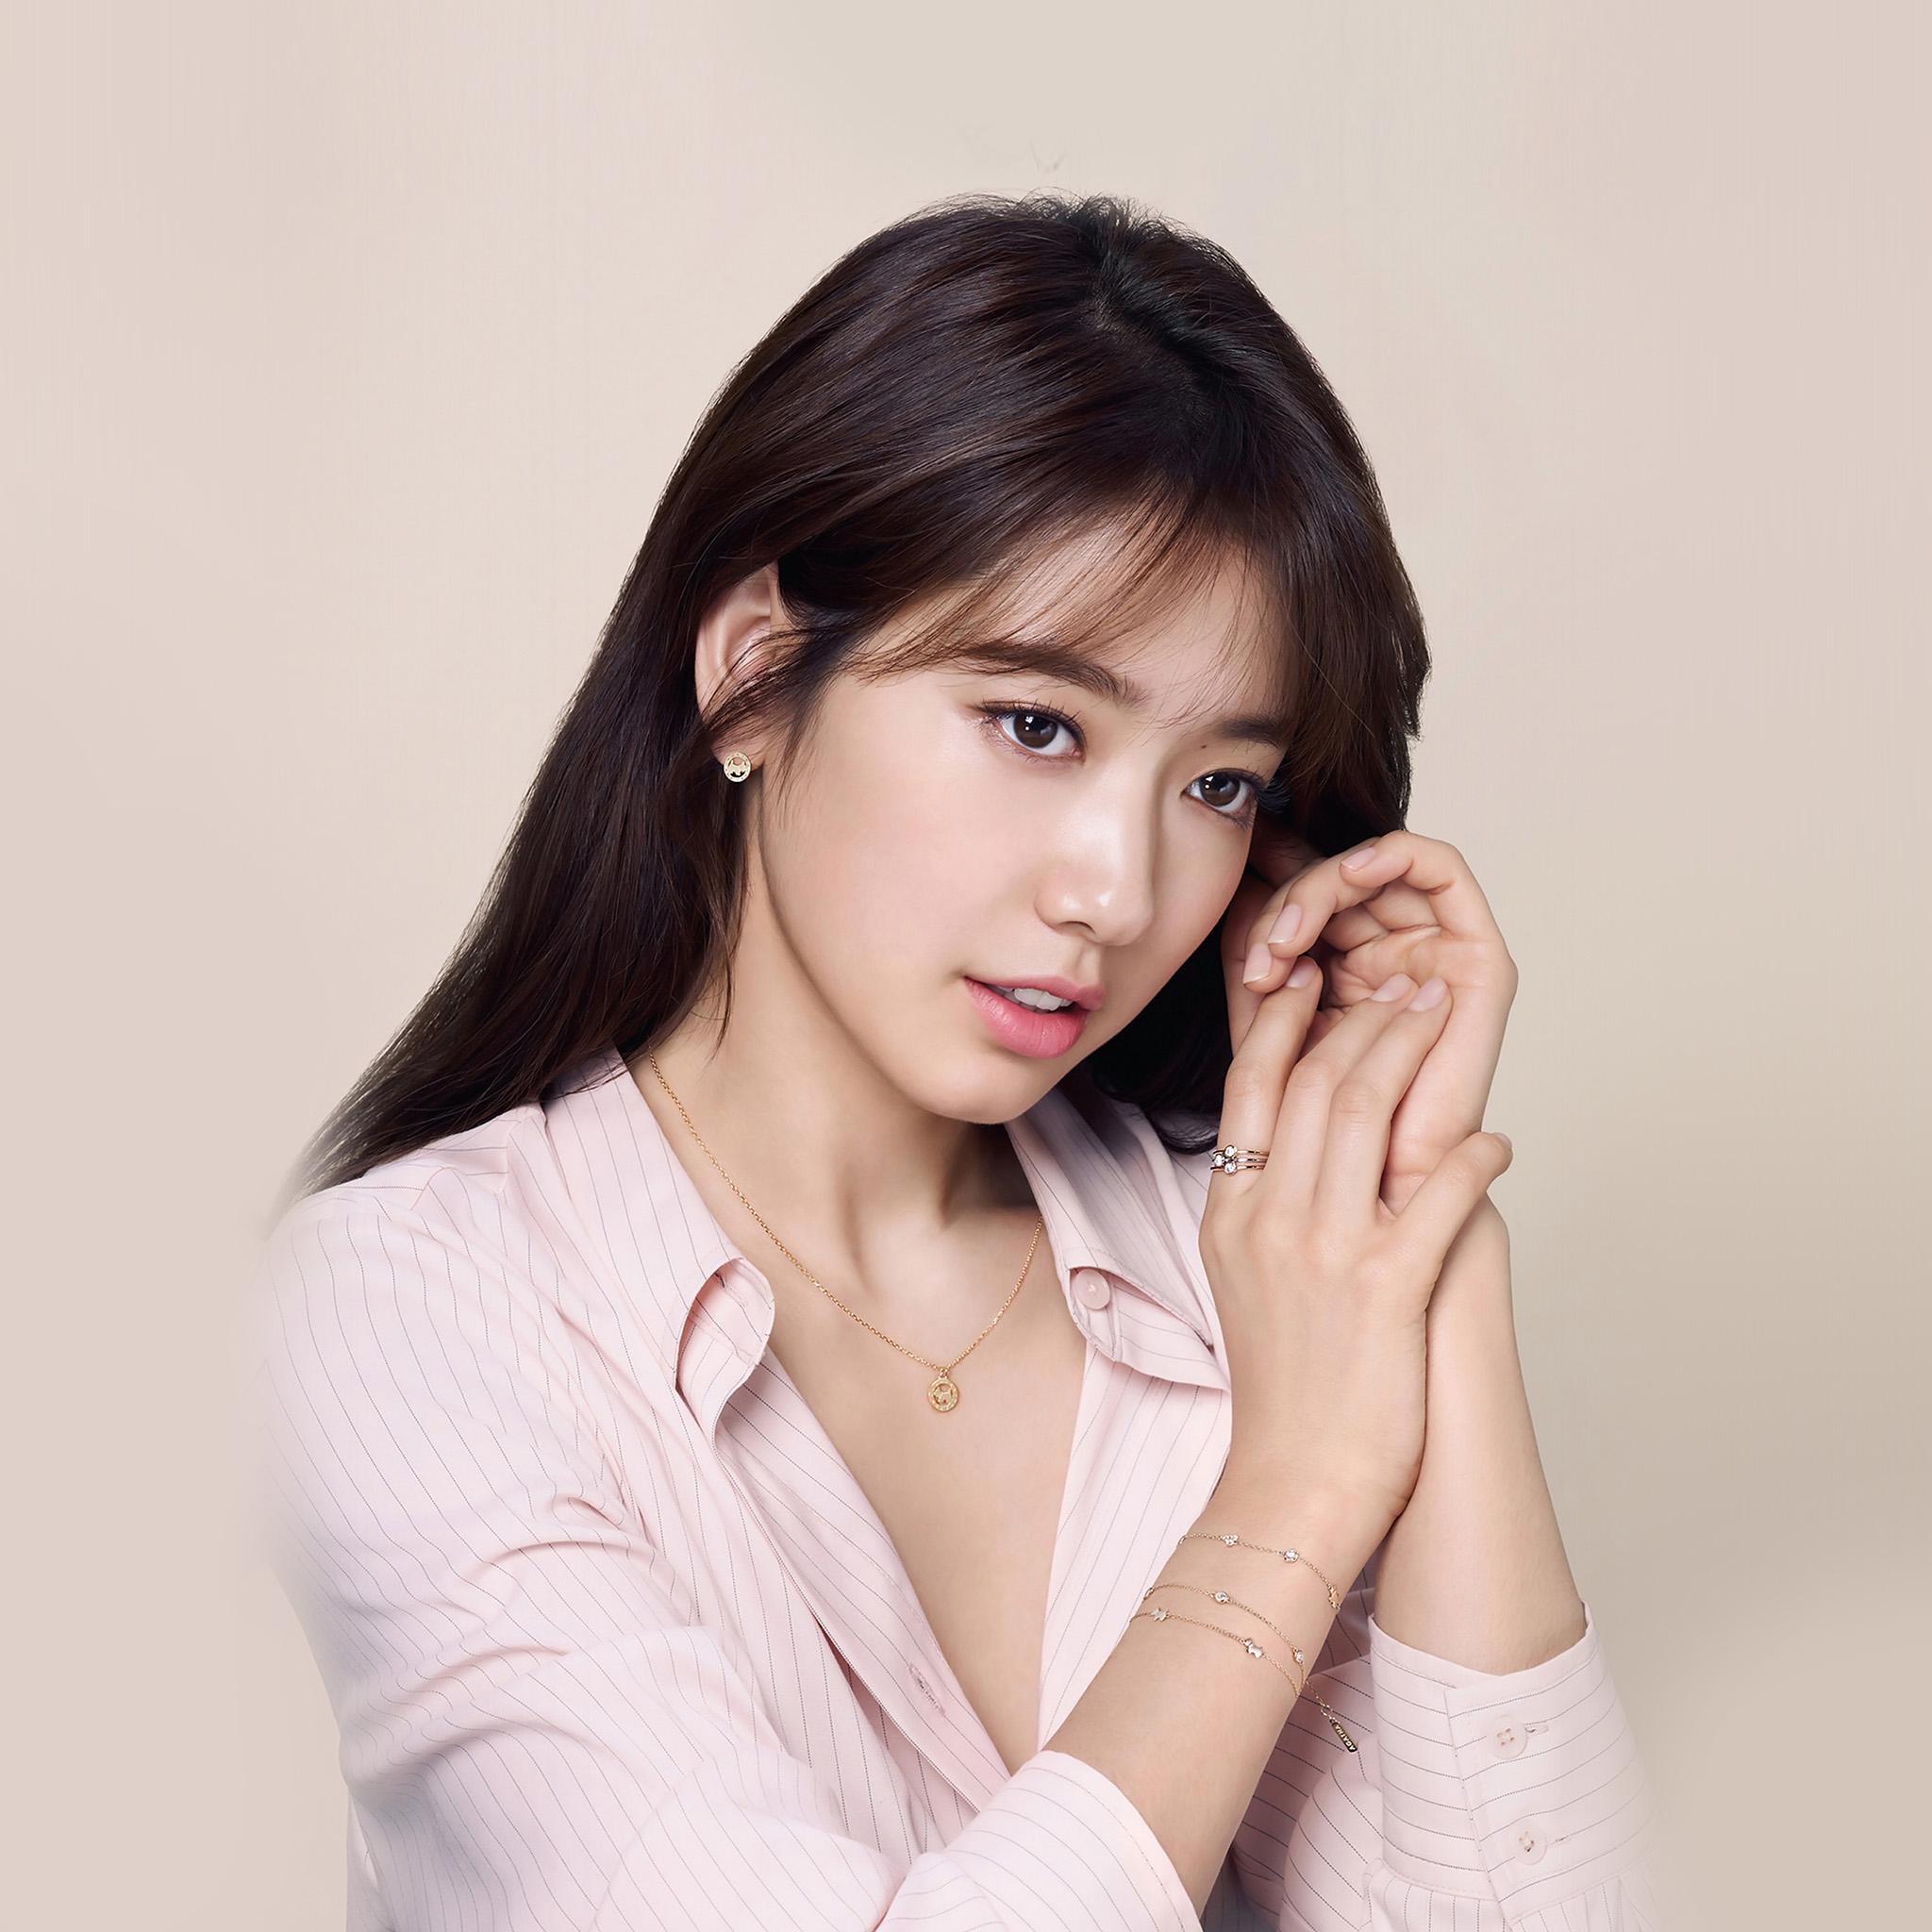 FreeiOS8.com | iPhone wallpaper | hn63-korean-asian-girl-film-kpop